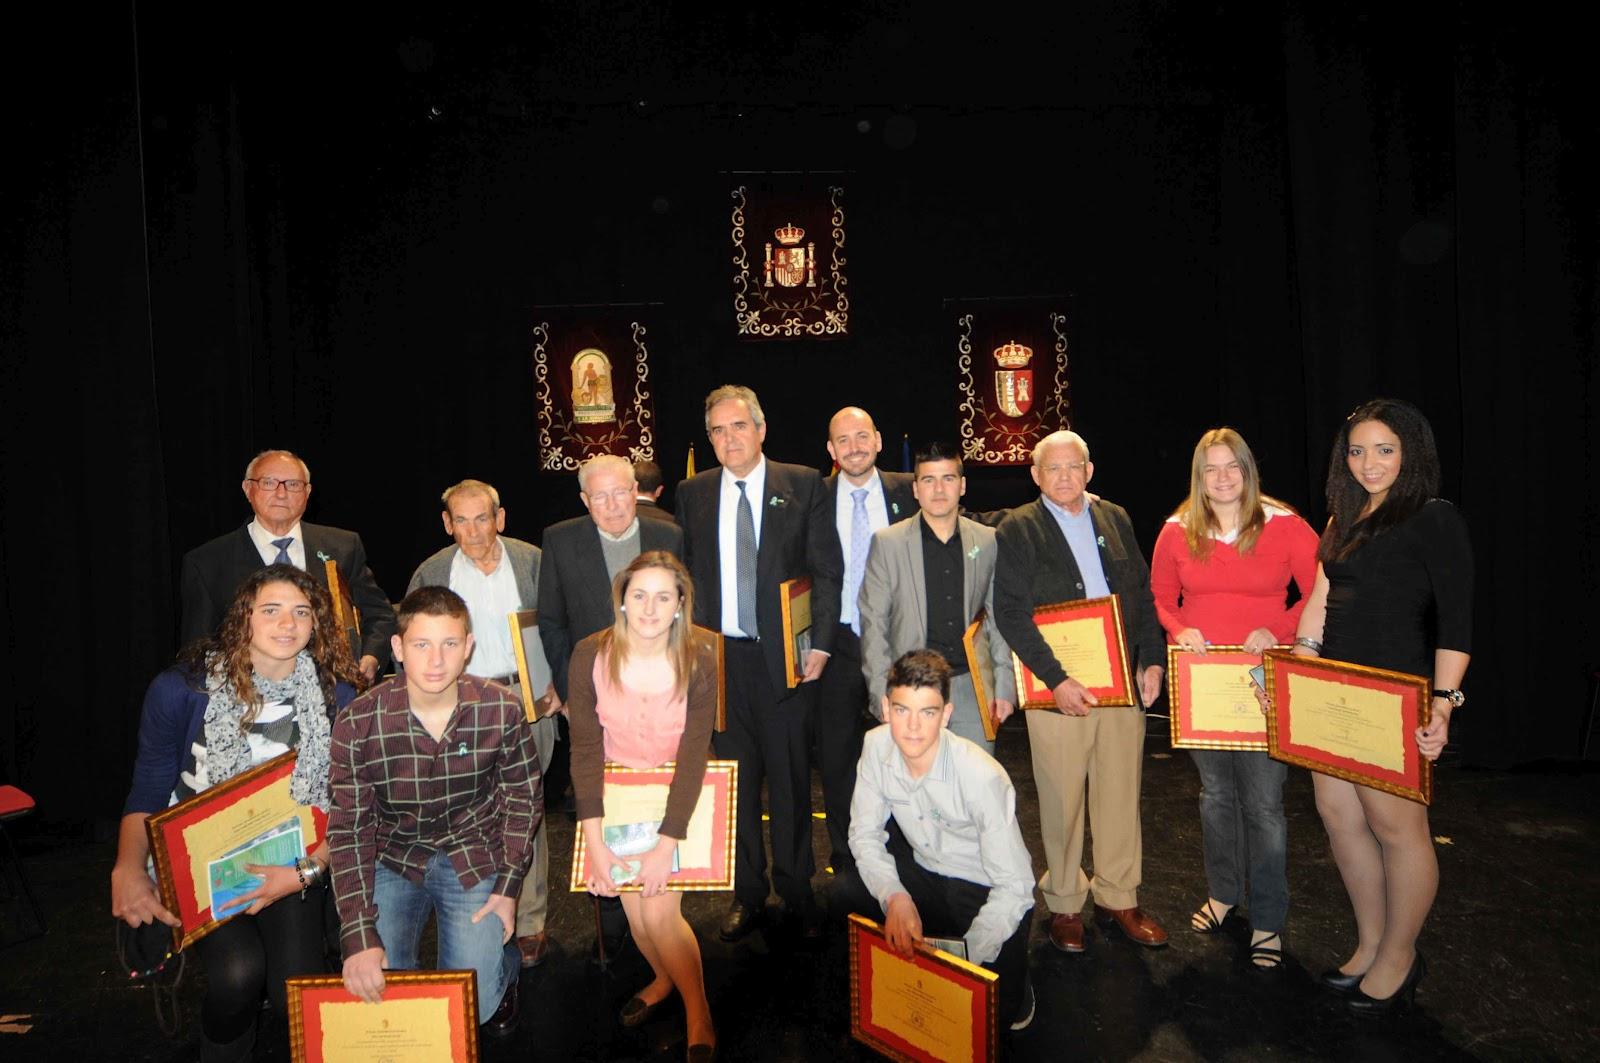 La gala del Día de Andalucía cumple diez años como tributo a los vecinos ilustres